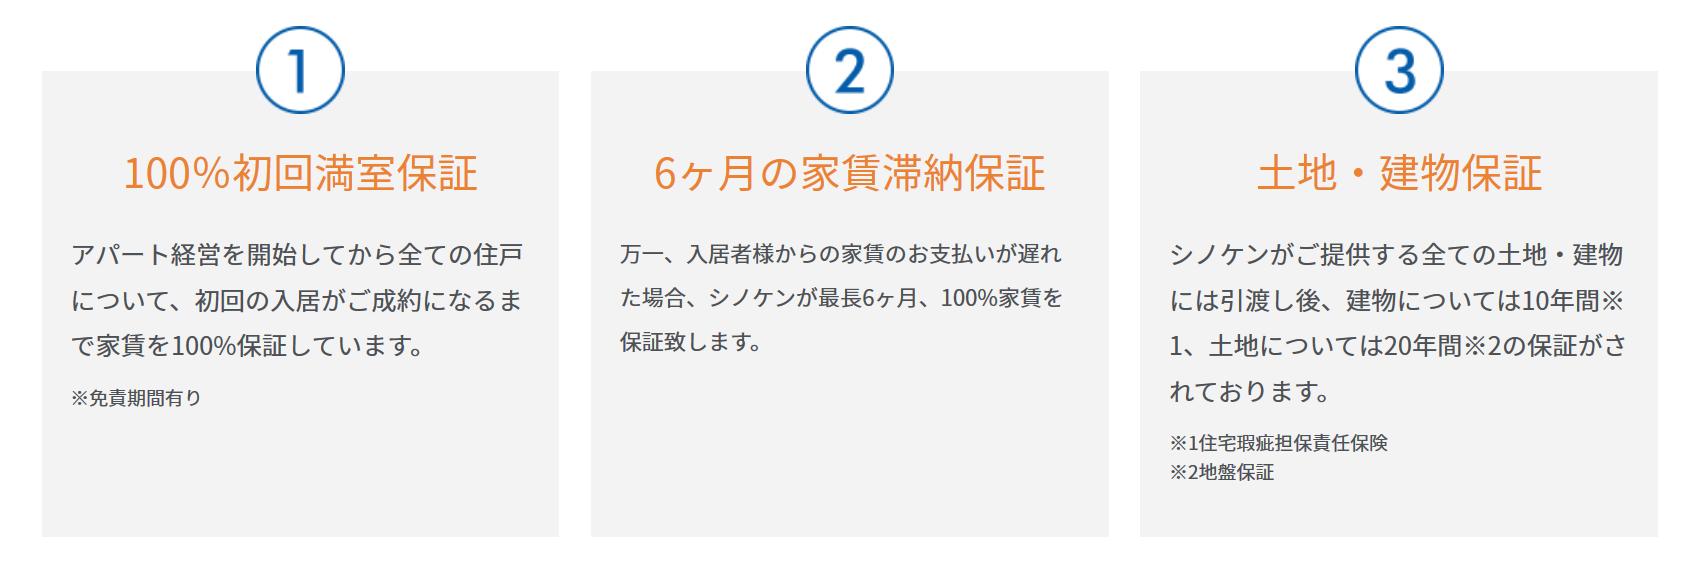 シノケンの保証制度